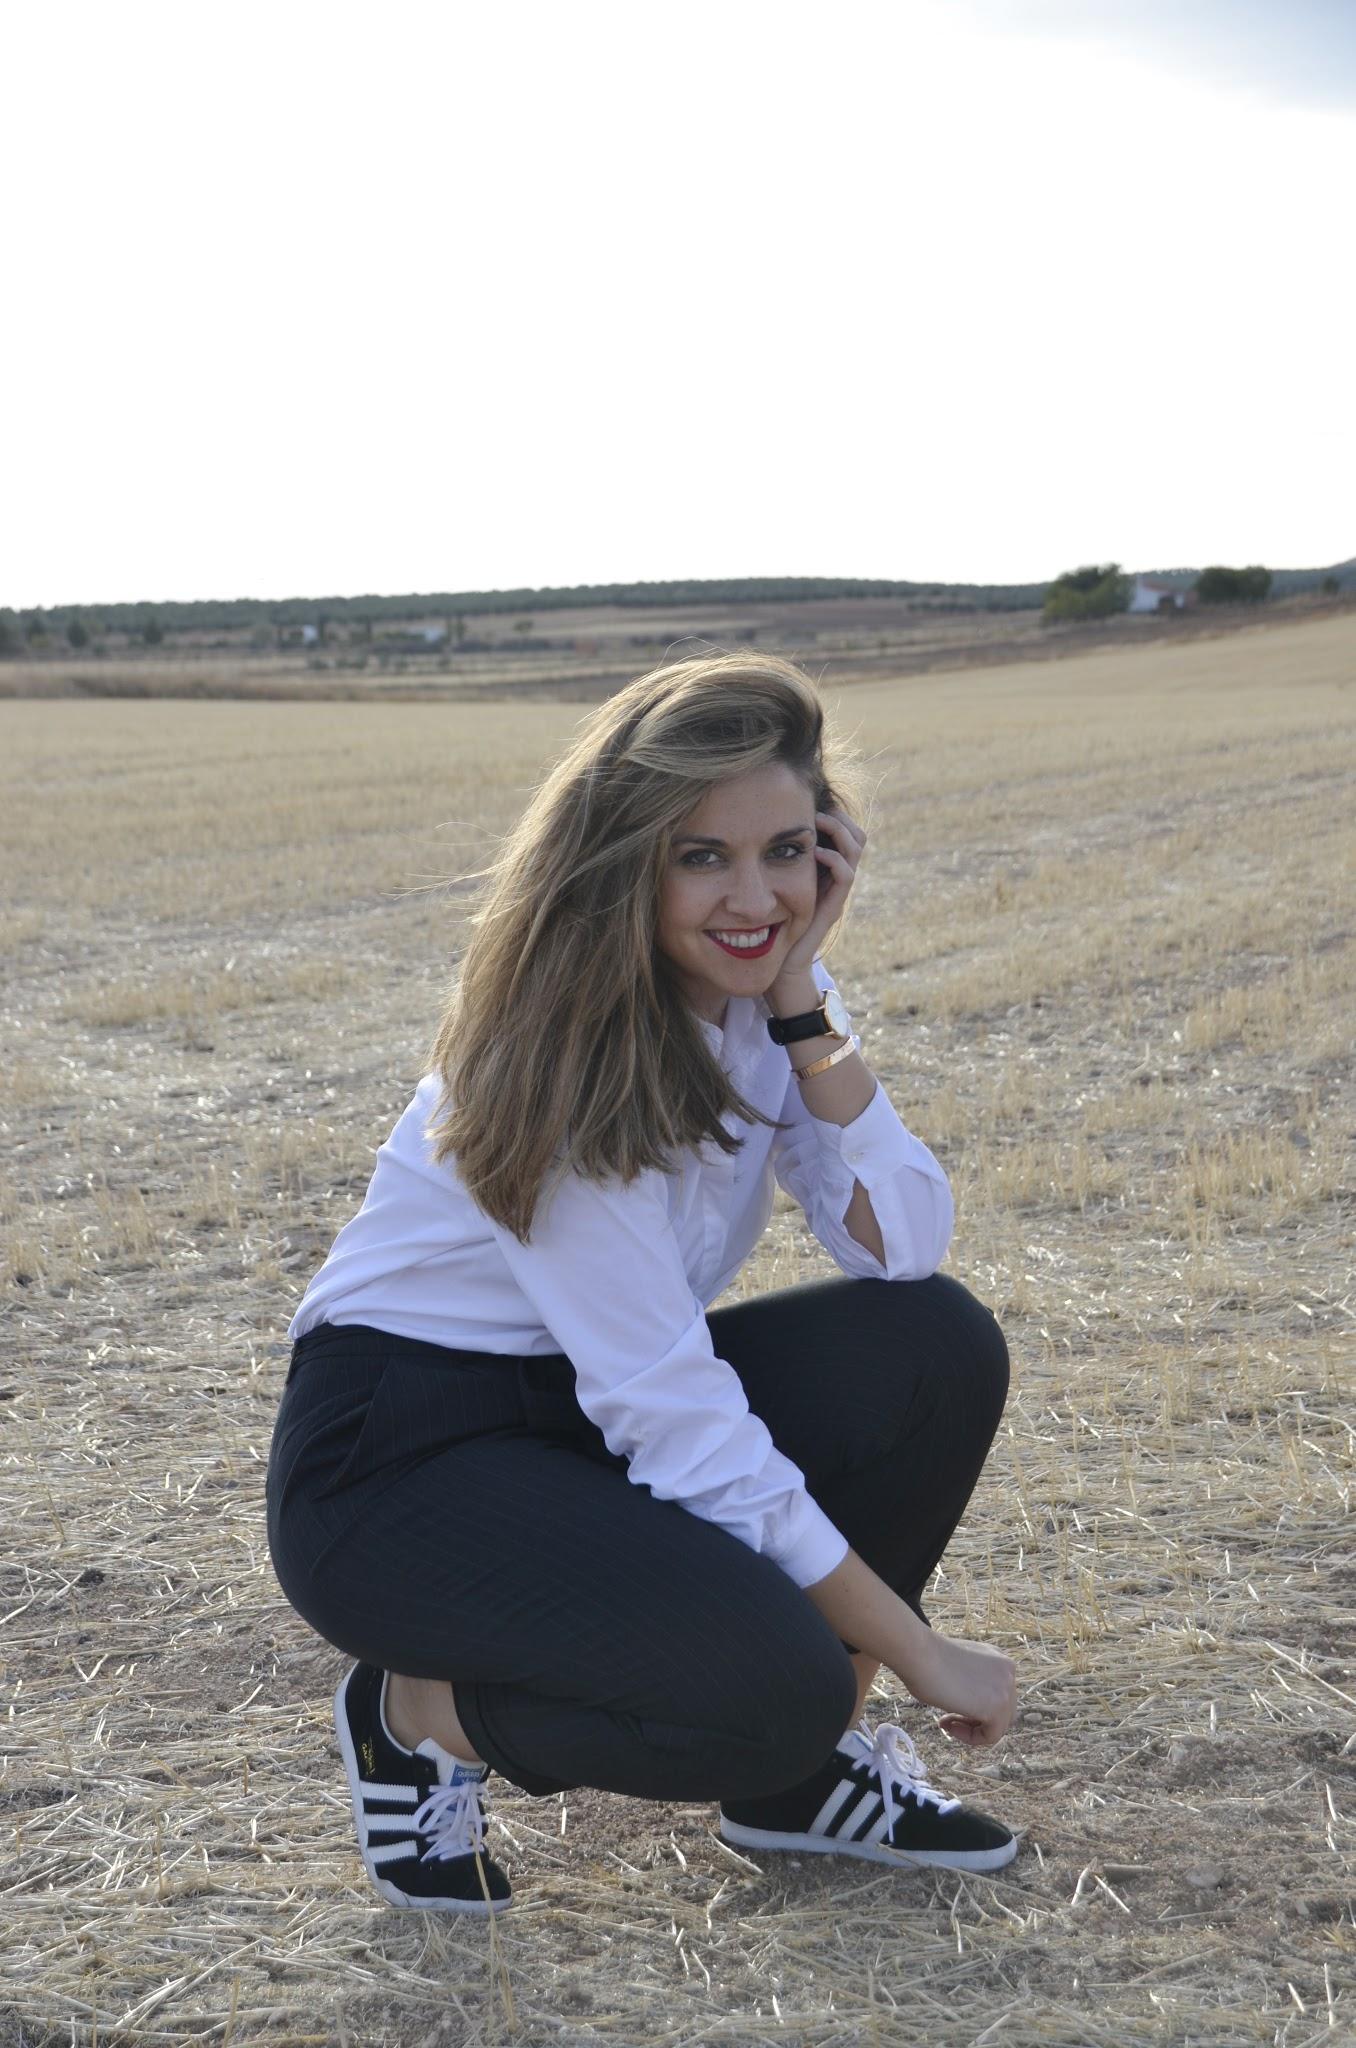 adidas gazelle blancas y negras para mujer